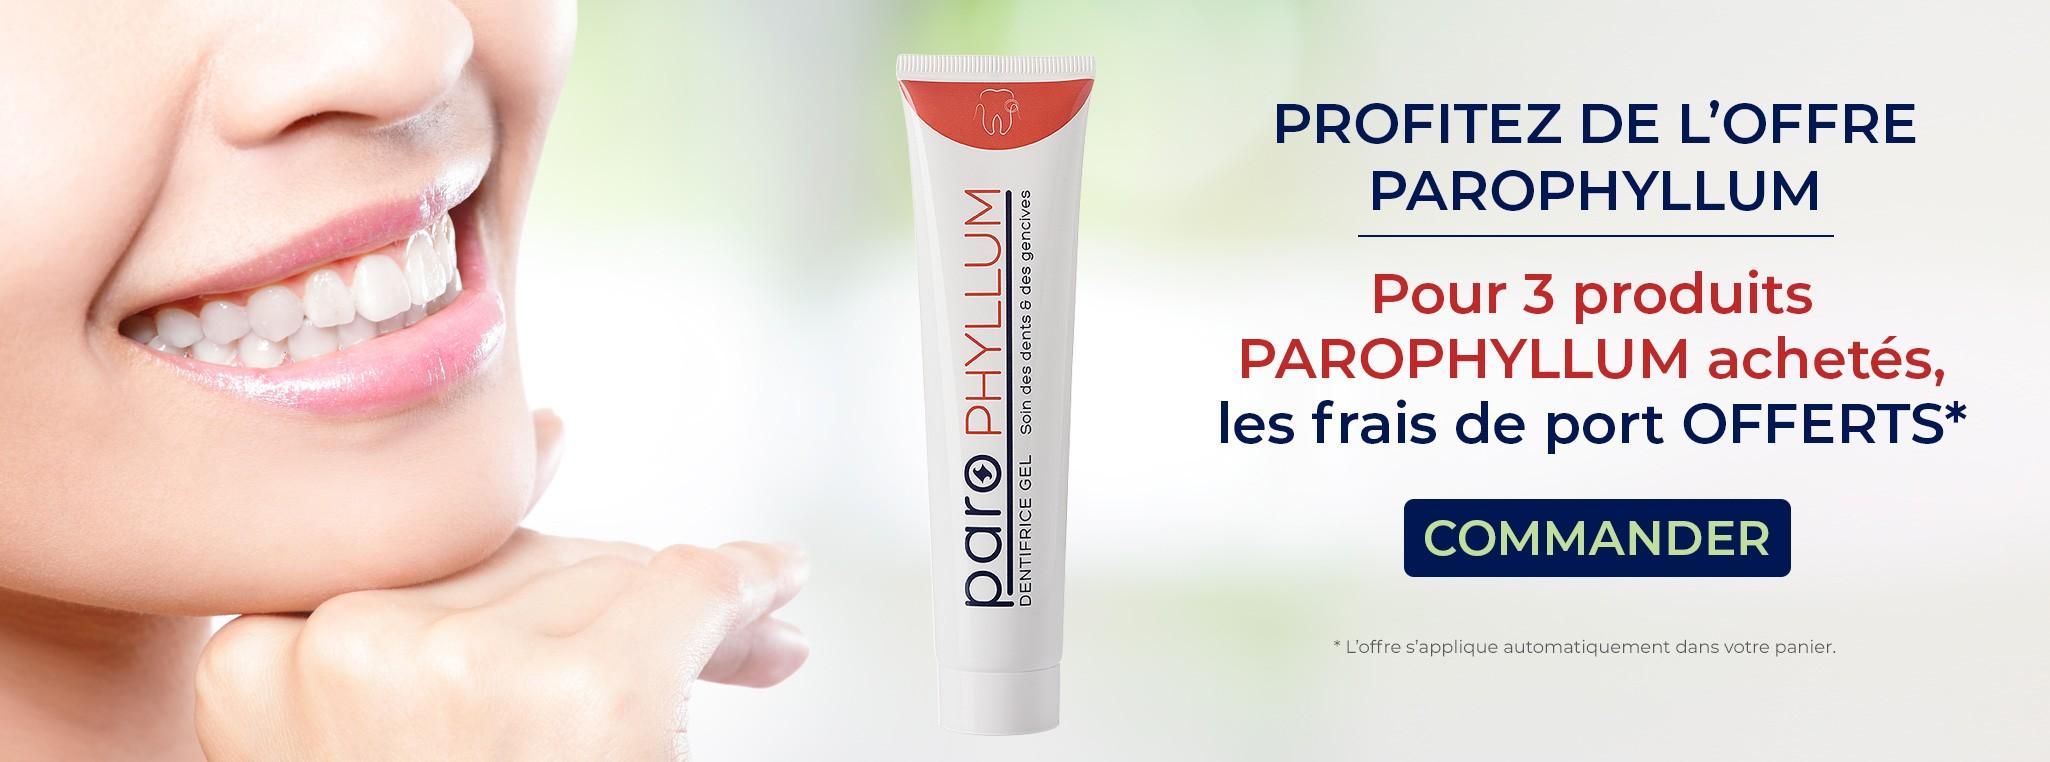 Pour 3 produits PAROPHYLLUM achetés, les frais de port offerts.